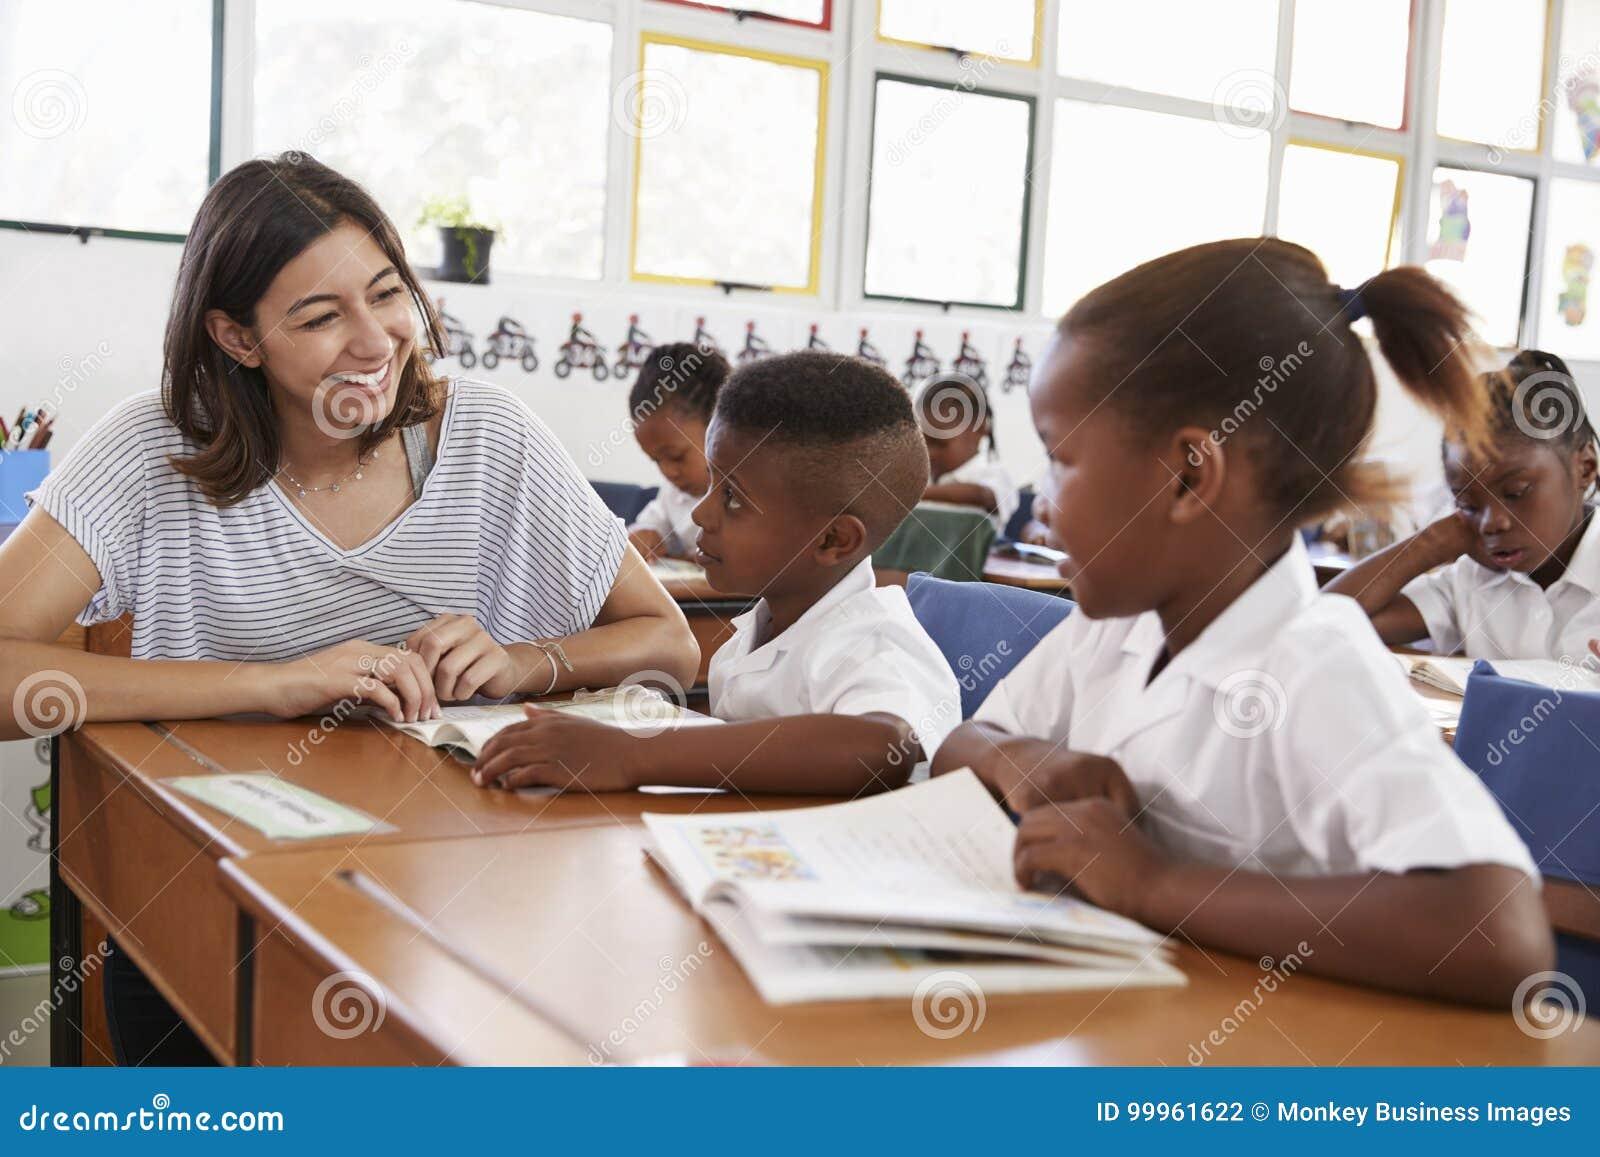 Volunteer teacher helping school kids in classroom, close up